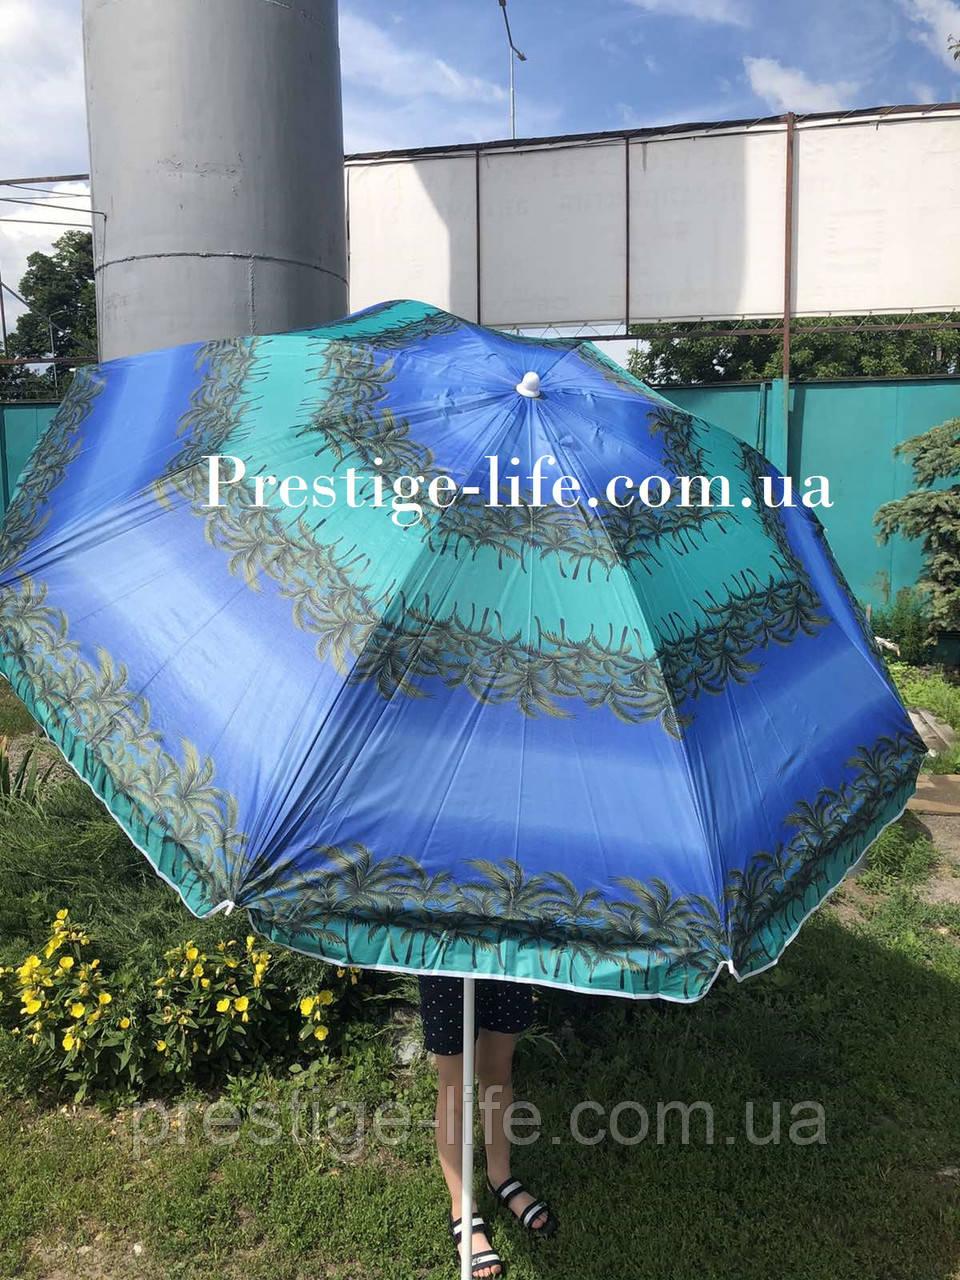 Зонт диаметром 2 м. Пластиковые спицы с клапаном. Пальмы, фон Зелёный